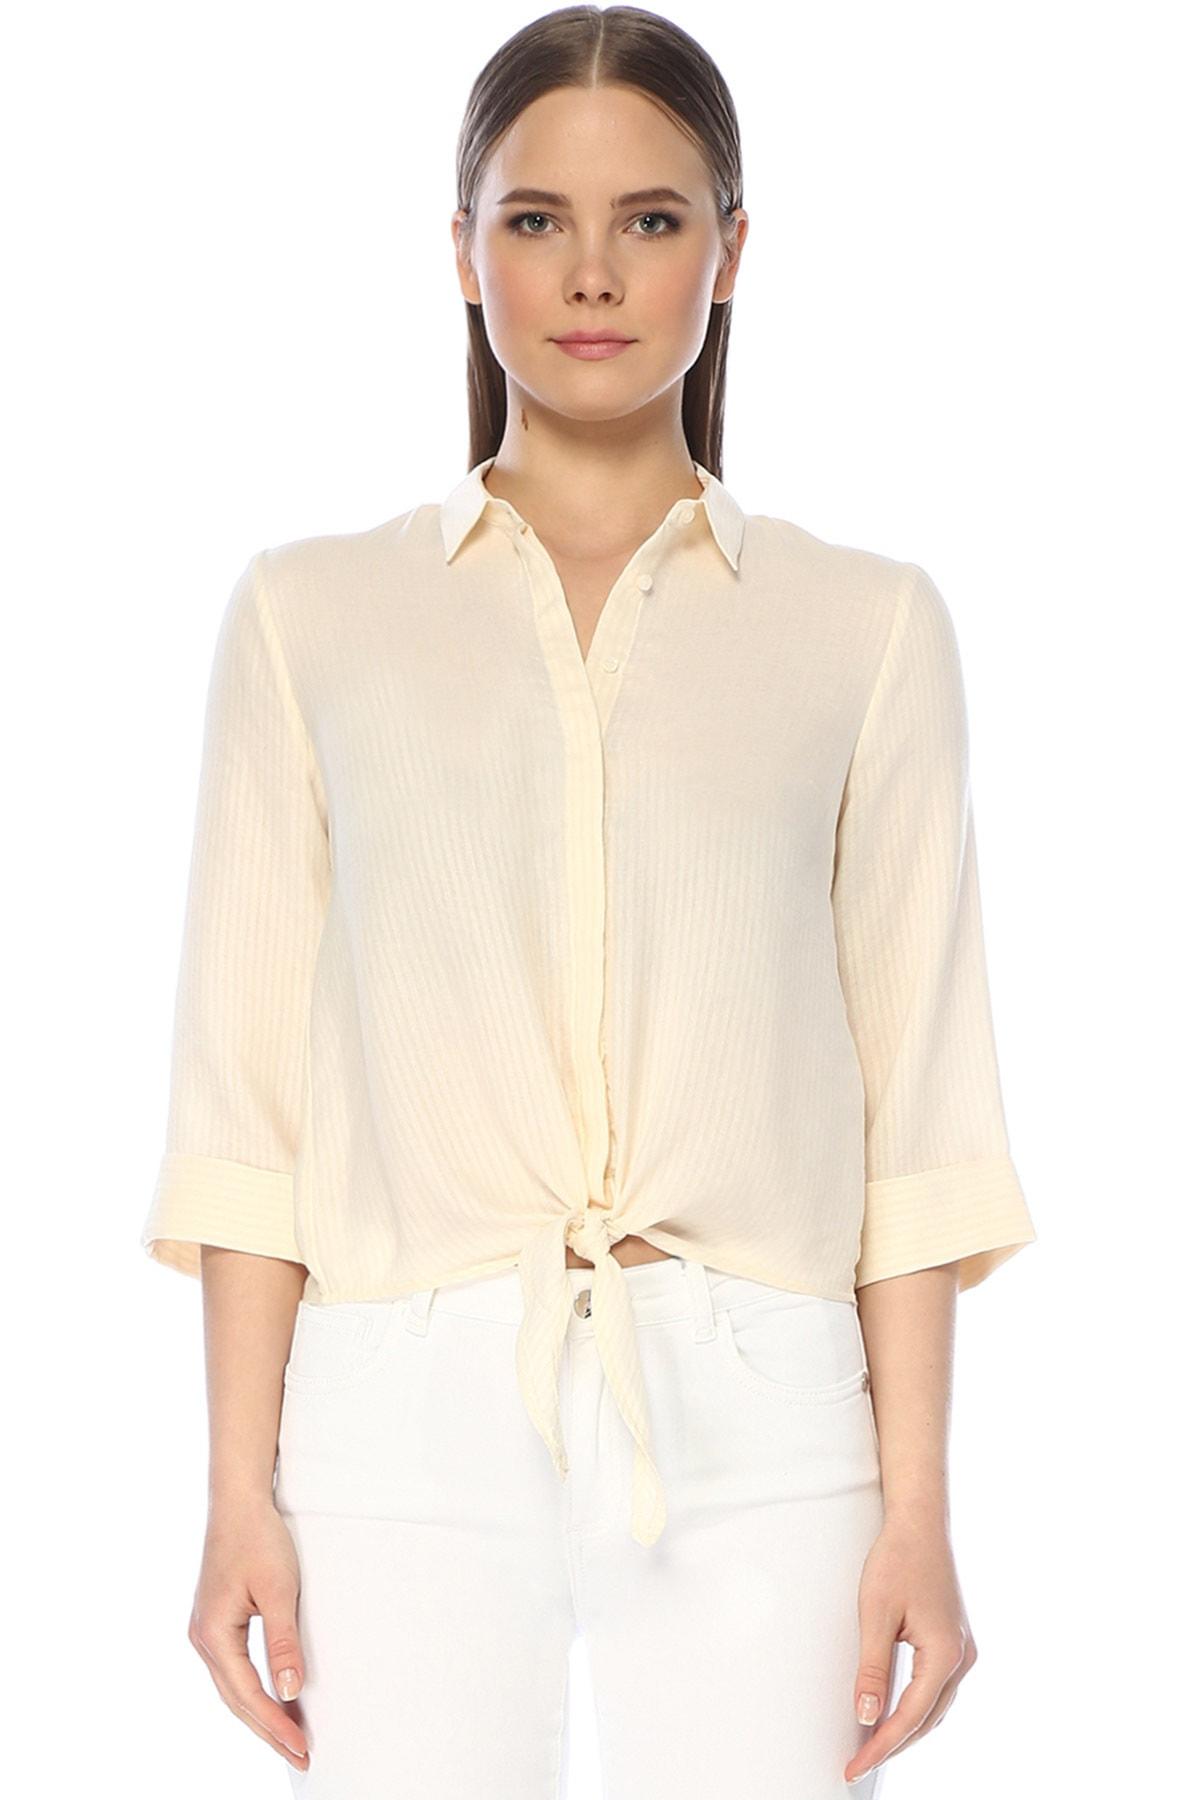 Kadın Çizgili Ekru Gömlek 1075237